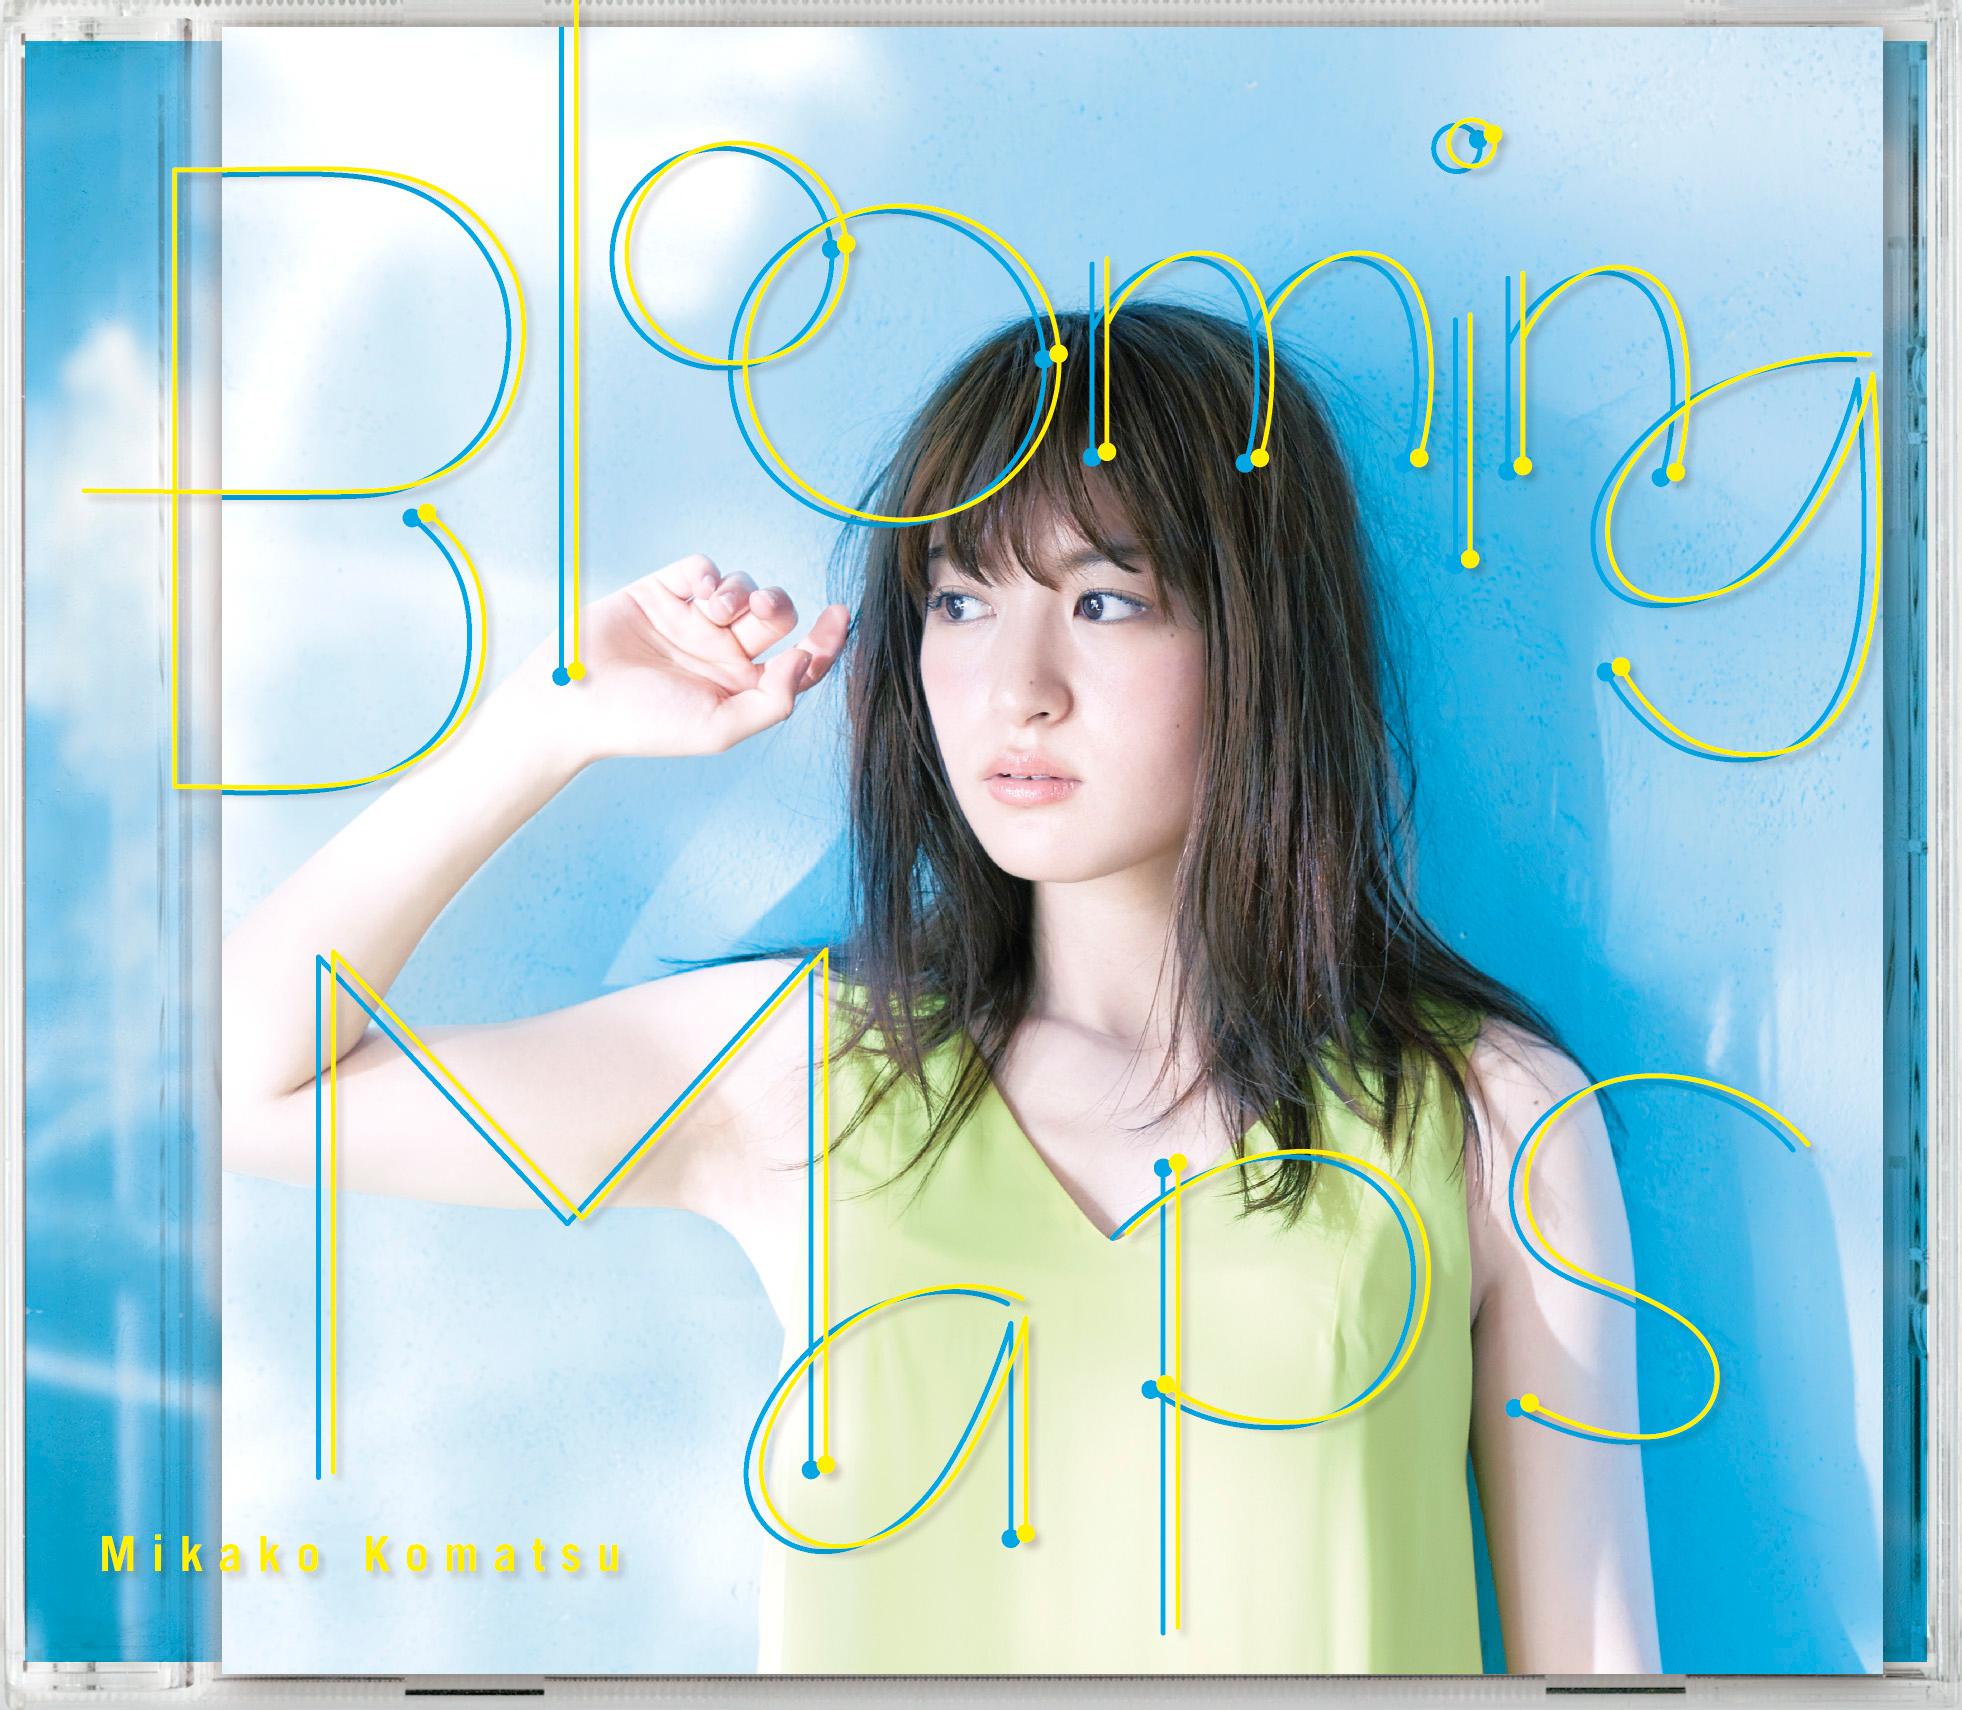 小松未可子「Blooming Maps」初回限定盤